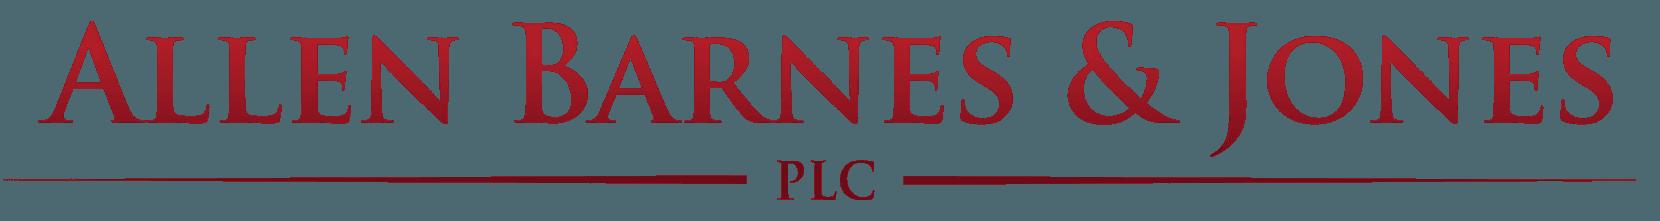 Allen Barnes & Jones, PLC